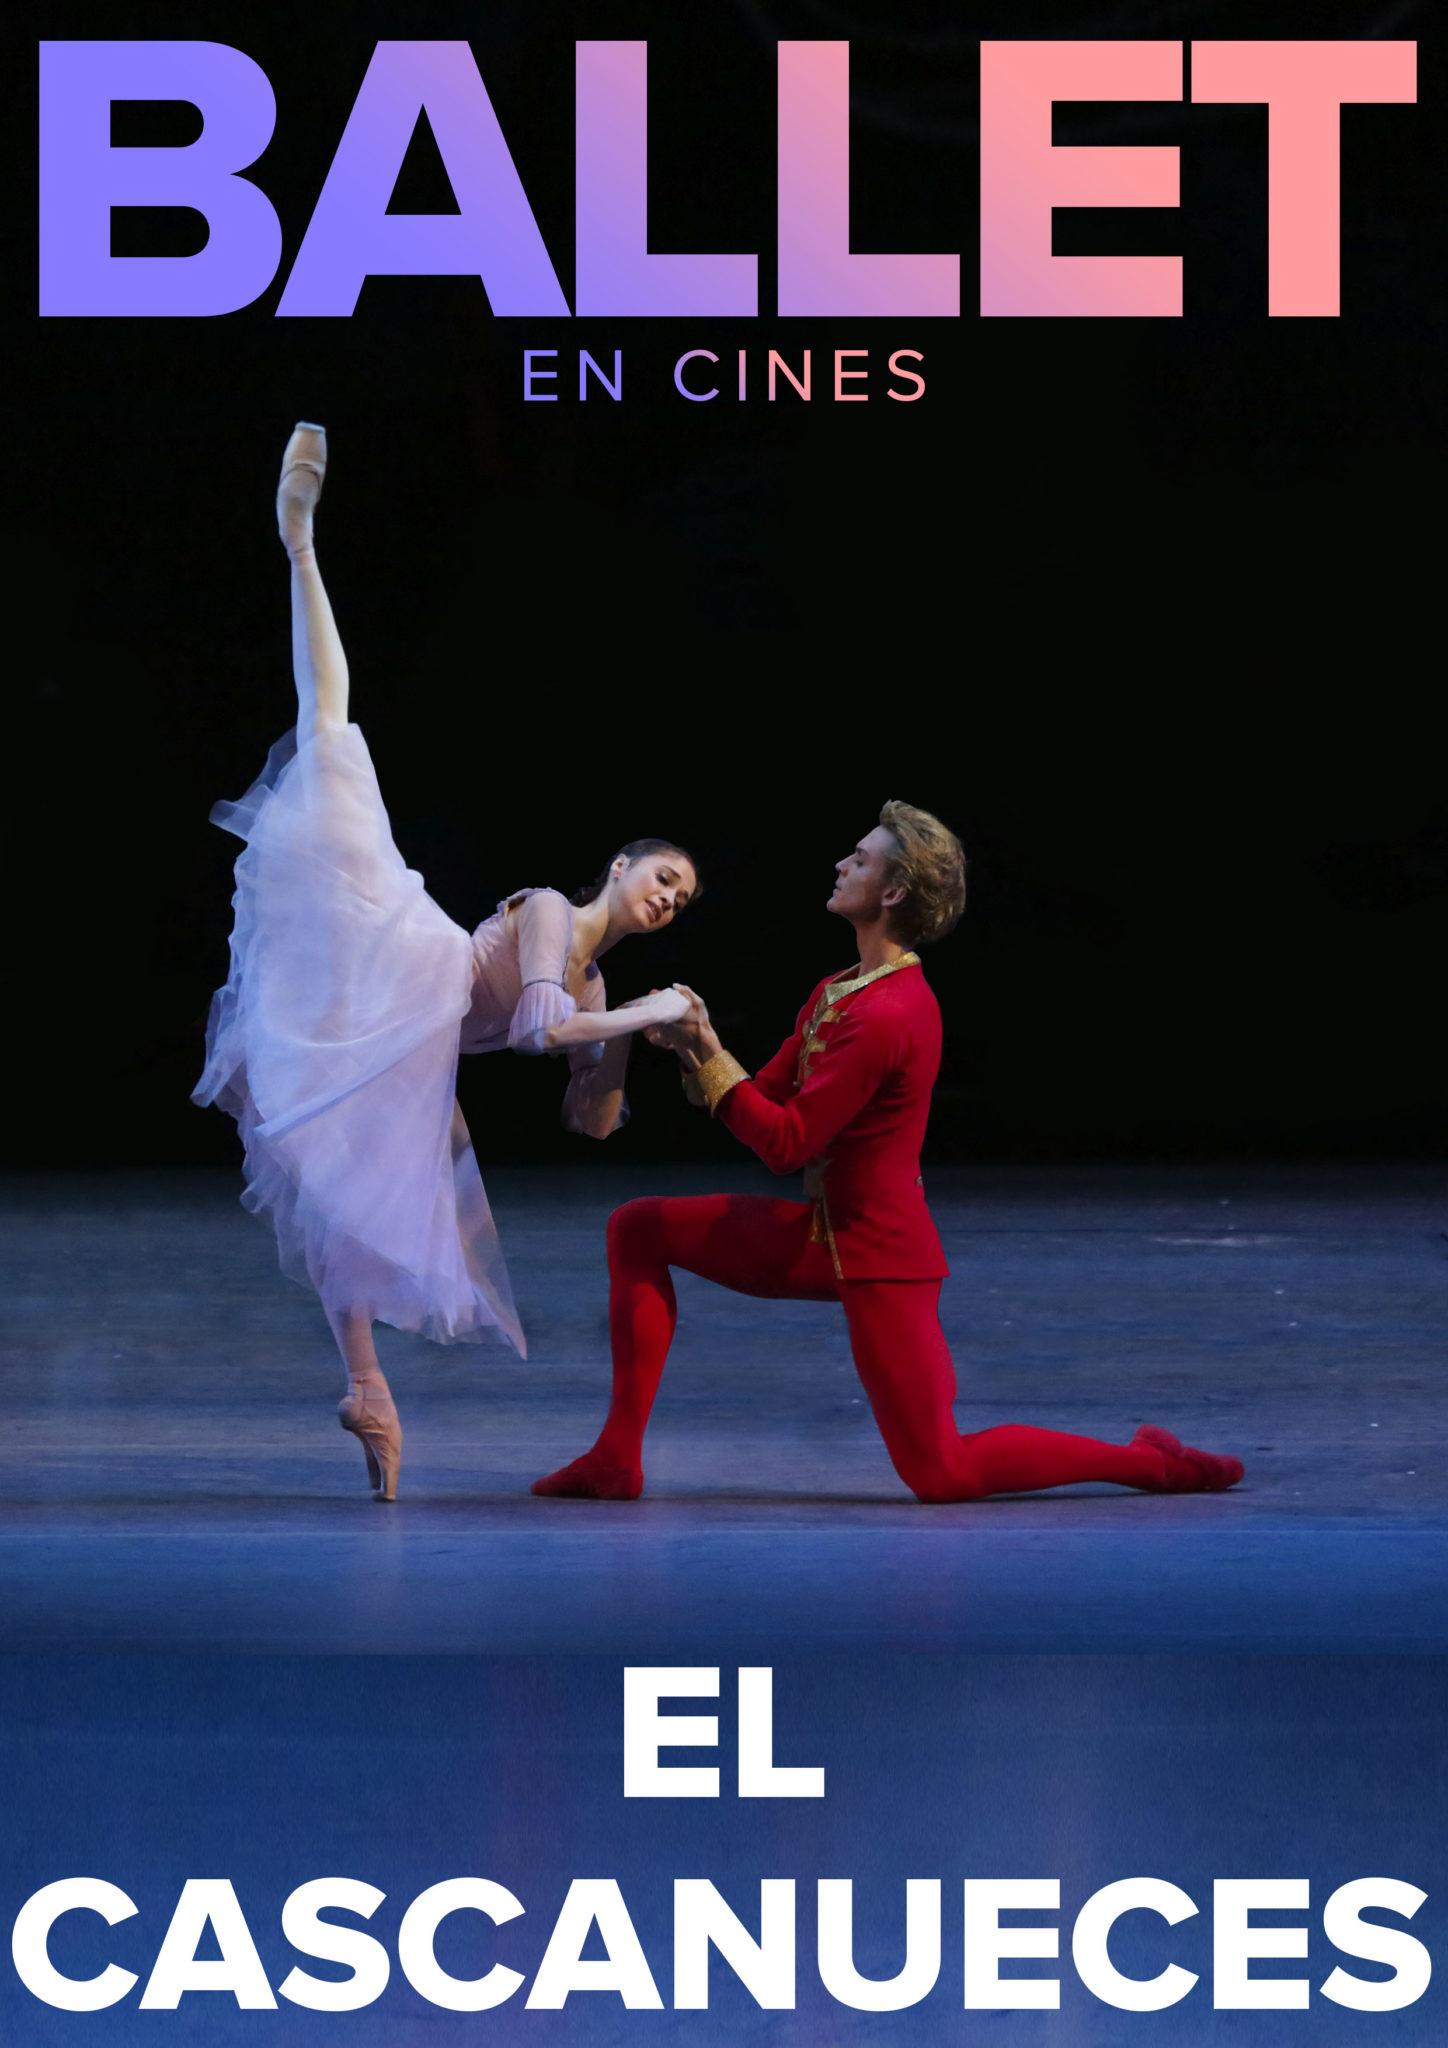 Ballet. EL CASCANUECES